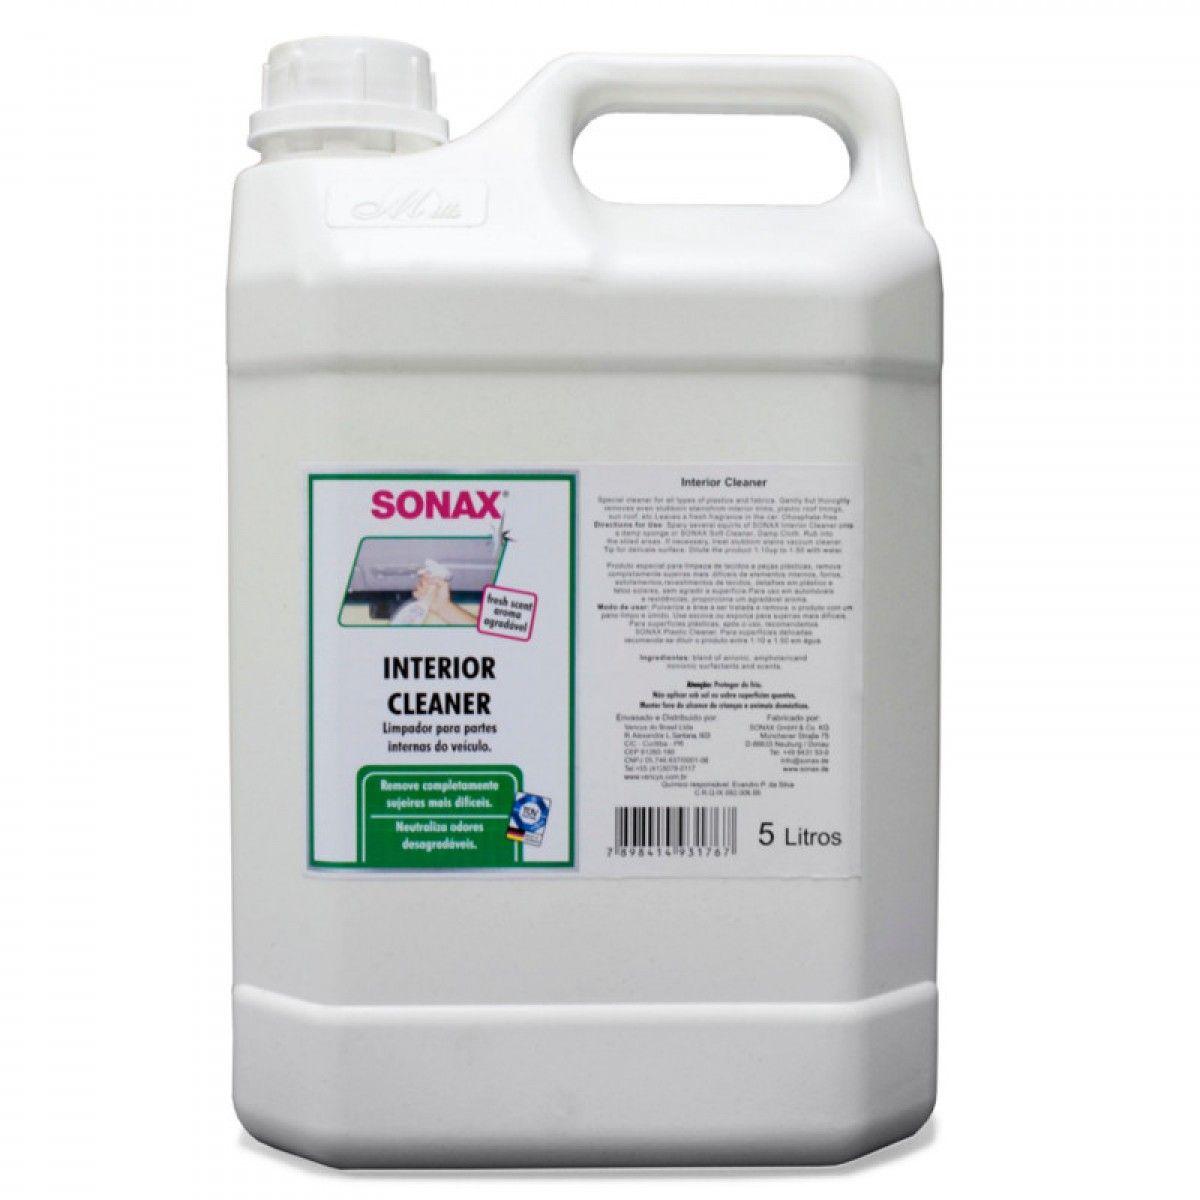 Interior Cleaner SONAX 5L